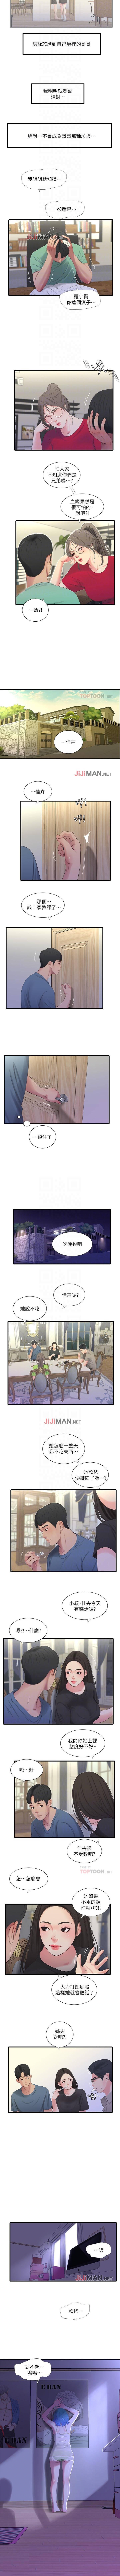 【周四连载】亲家四姐妹(作者:愛摸) 第1~31话 119